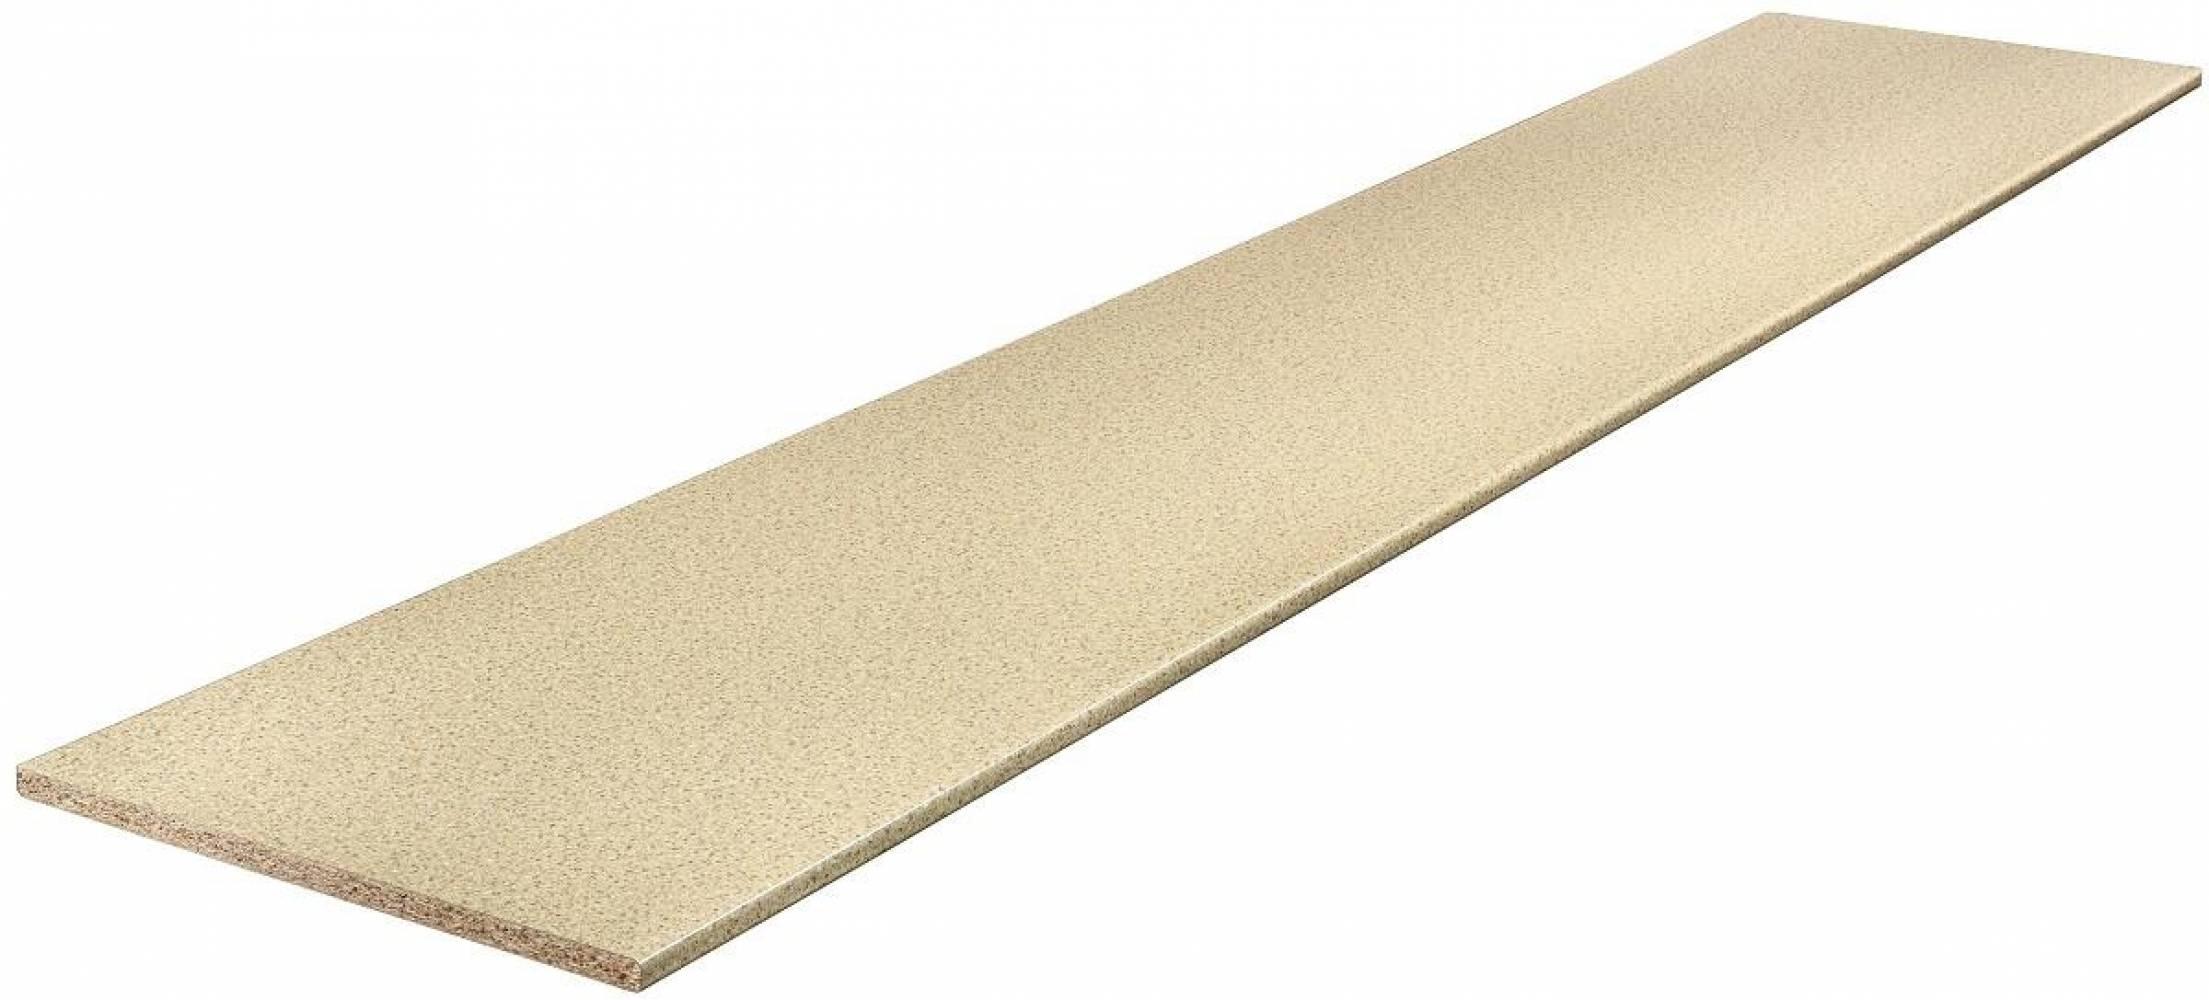 Столешница № 4220 ГЛ Артстоун 26 мм Глянцевая Скиф, цена  за пог/метр